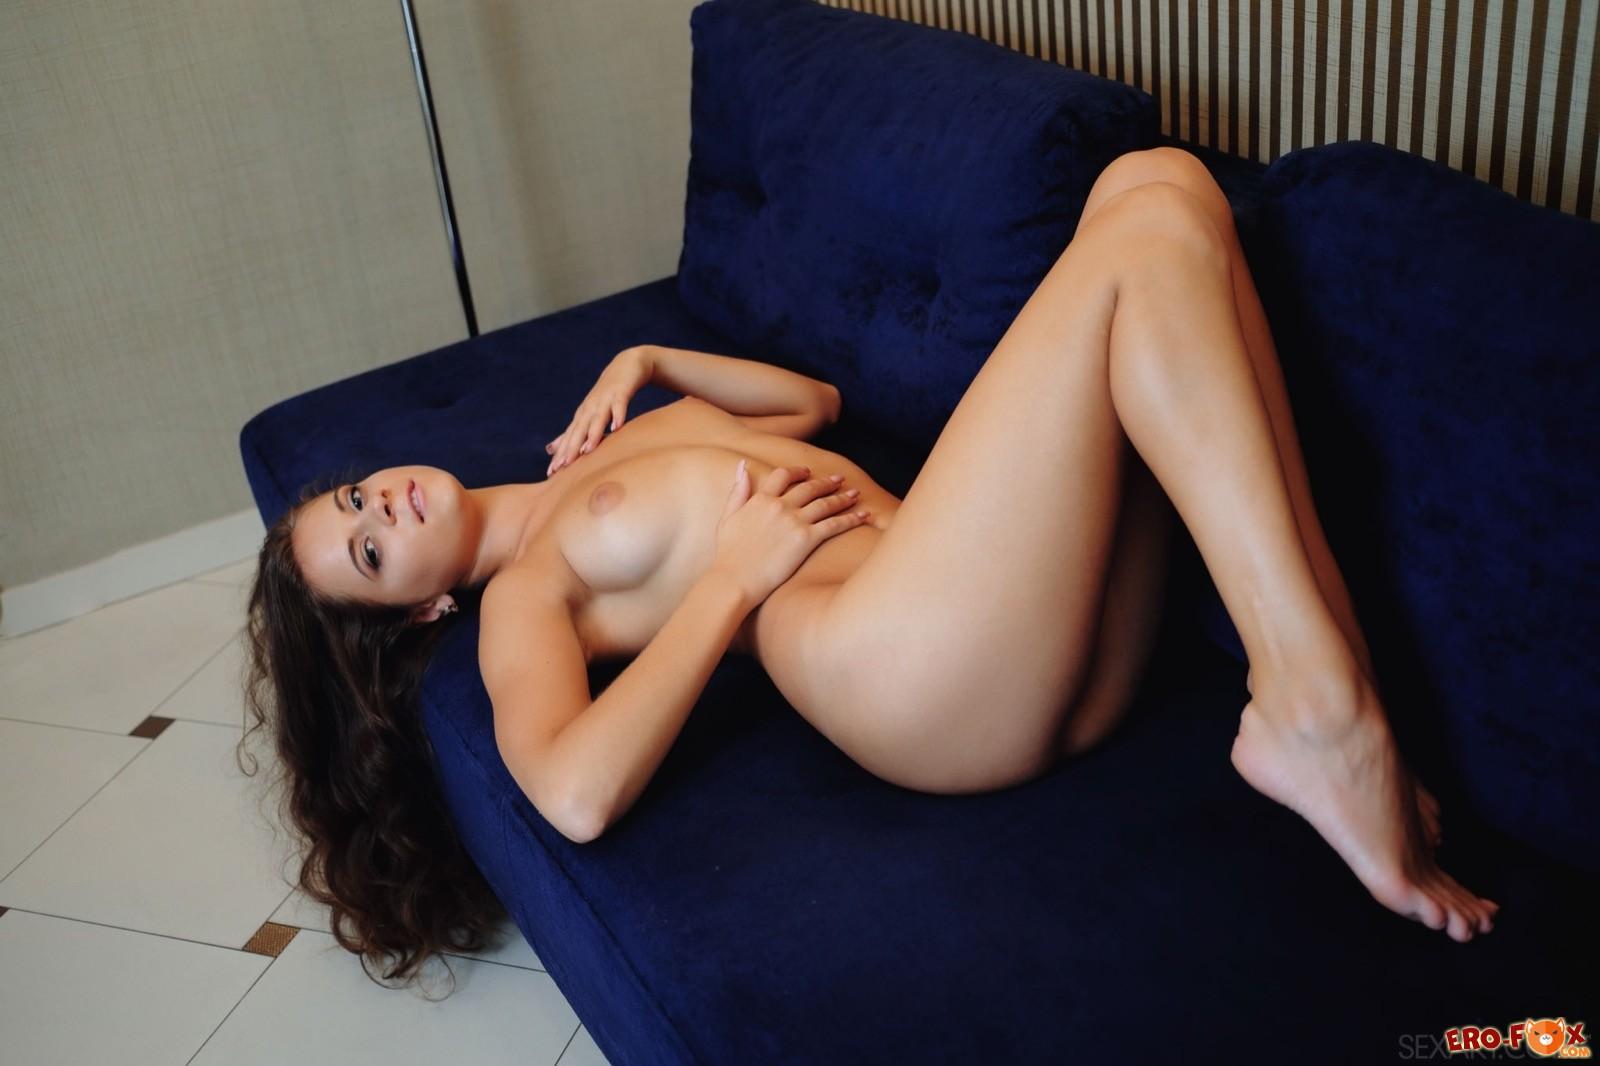 Нагая милашка поглаживает письку и попку на диване - фото